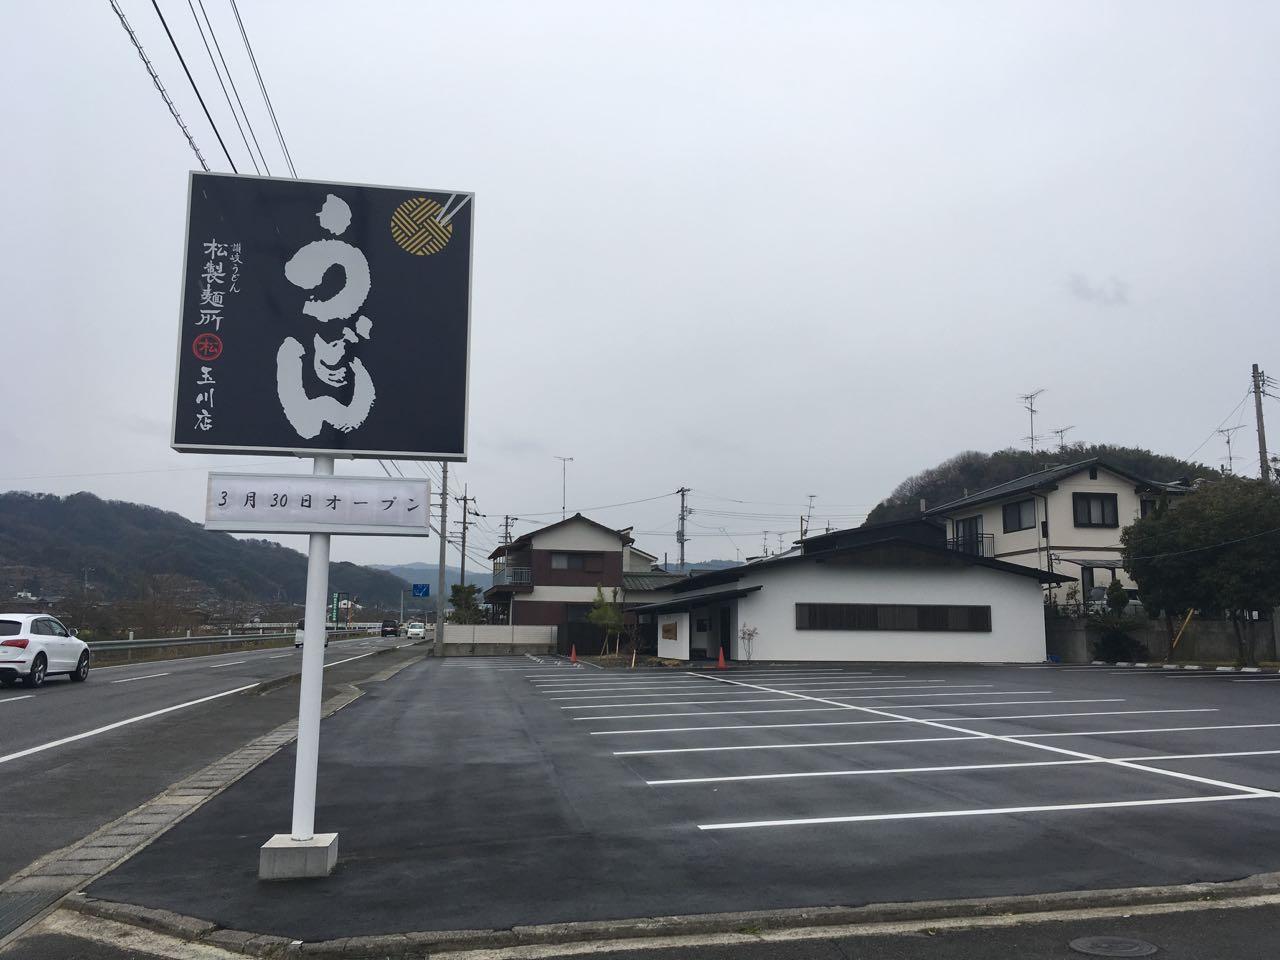 みとん今治,松製麺所,うどん,玉川,新規オープン